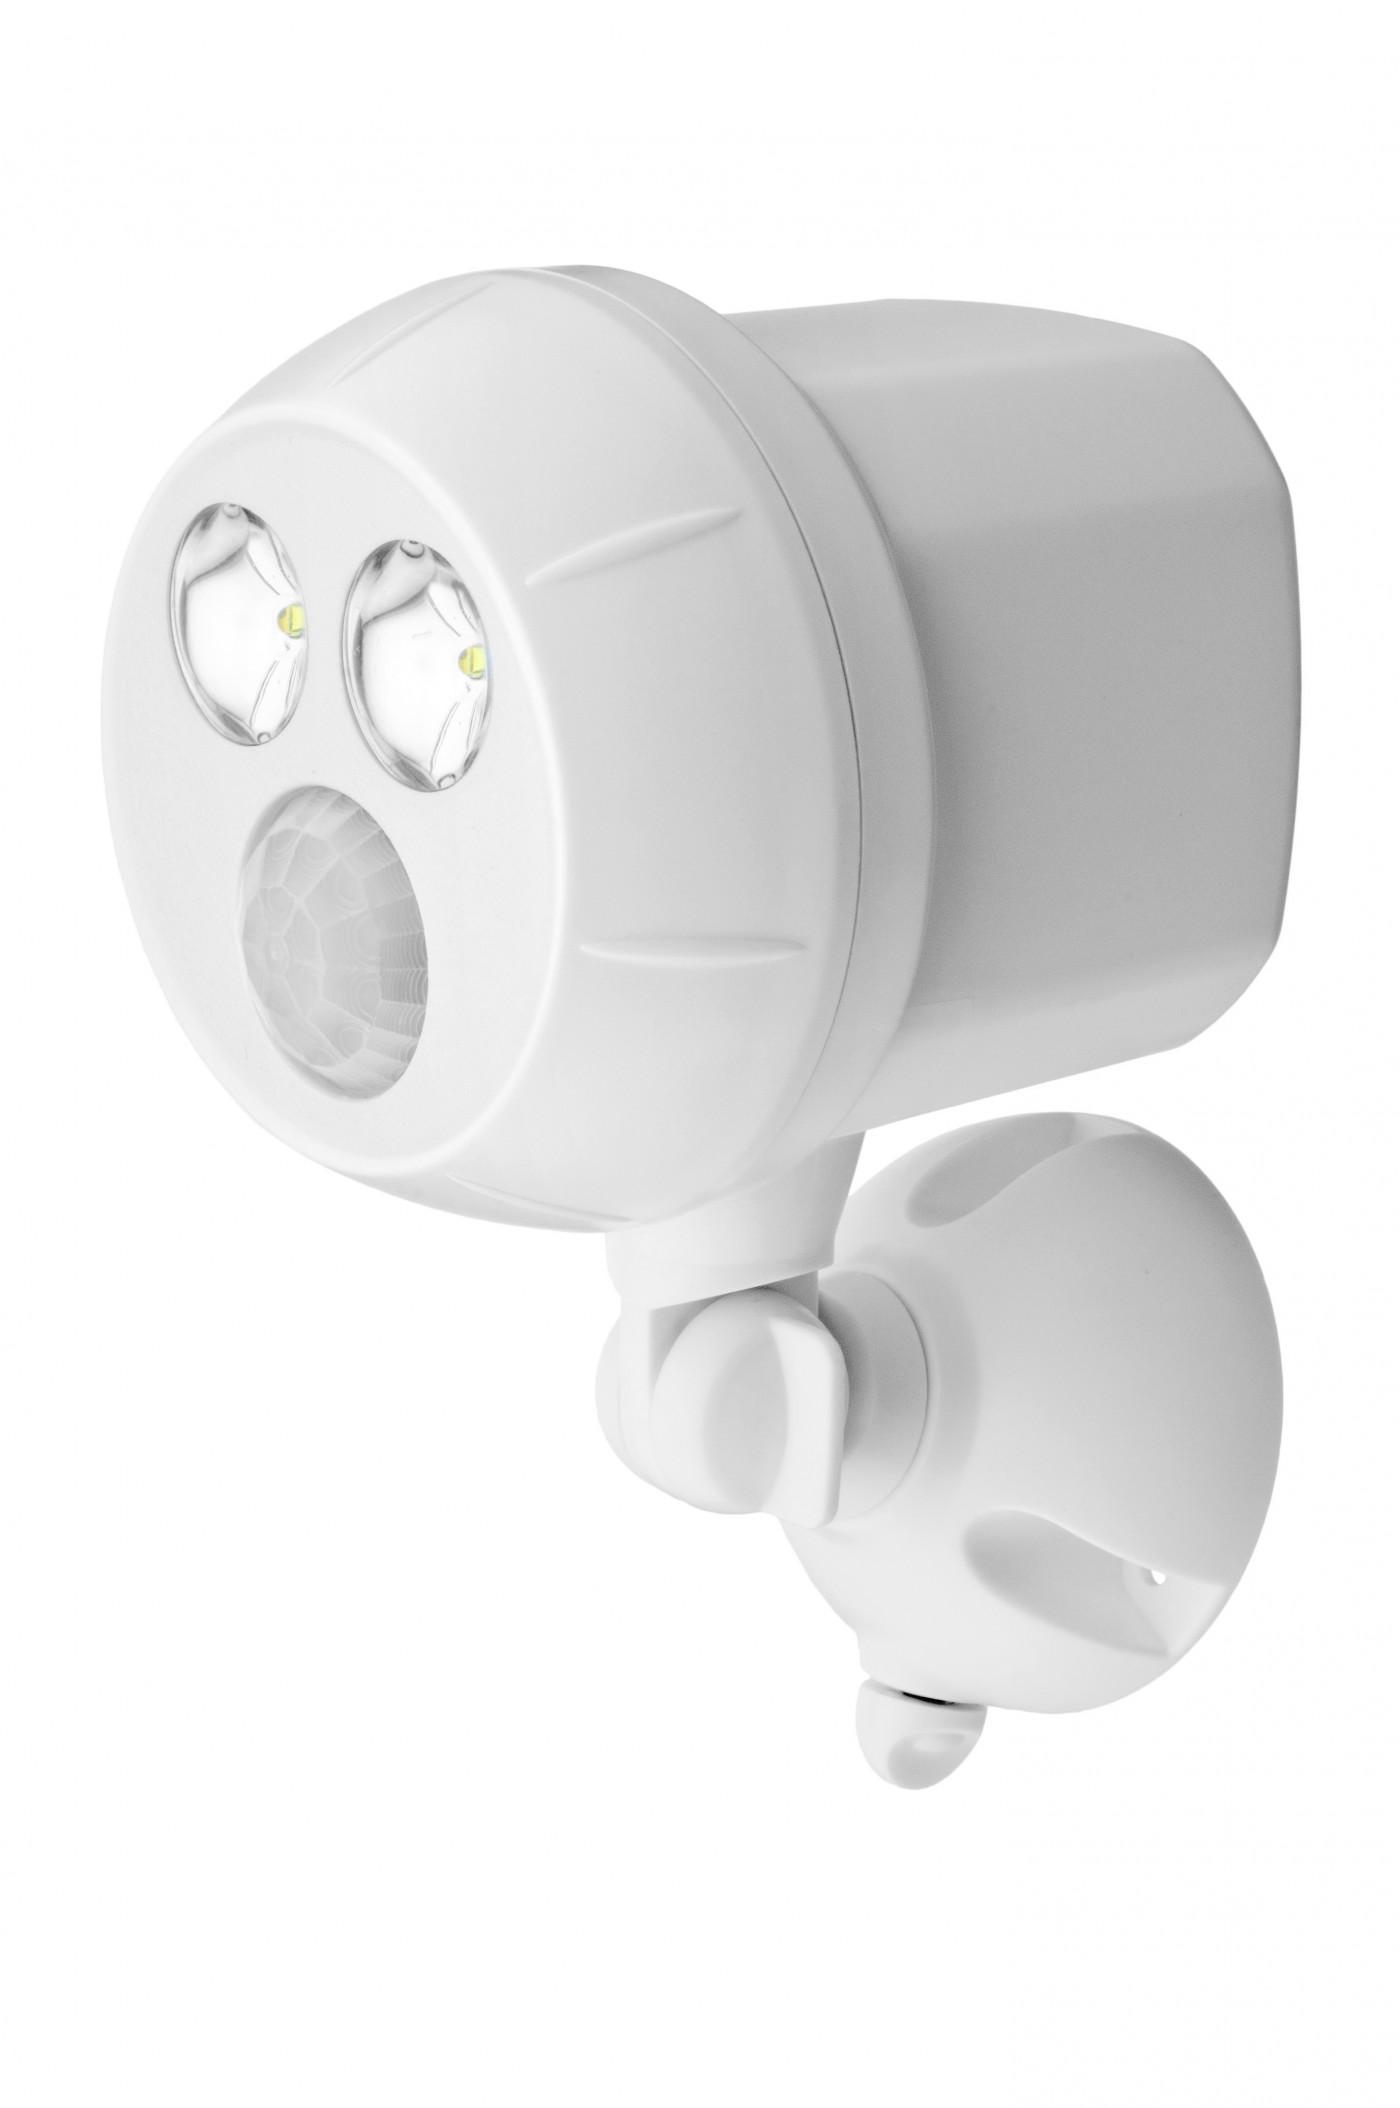 Mr Beams 174 Ultrabright Led Wireless Motion Sensor Spotlight